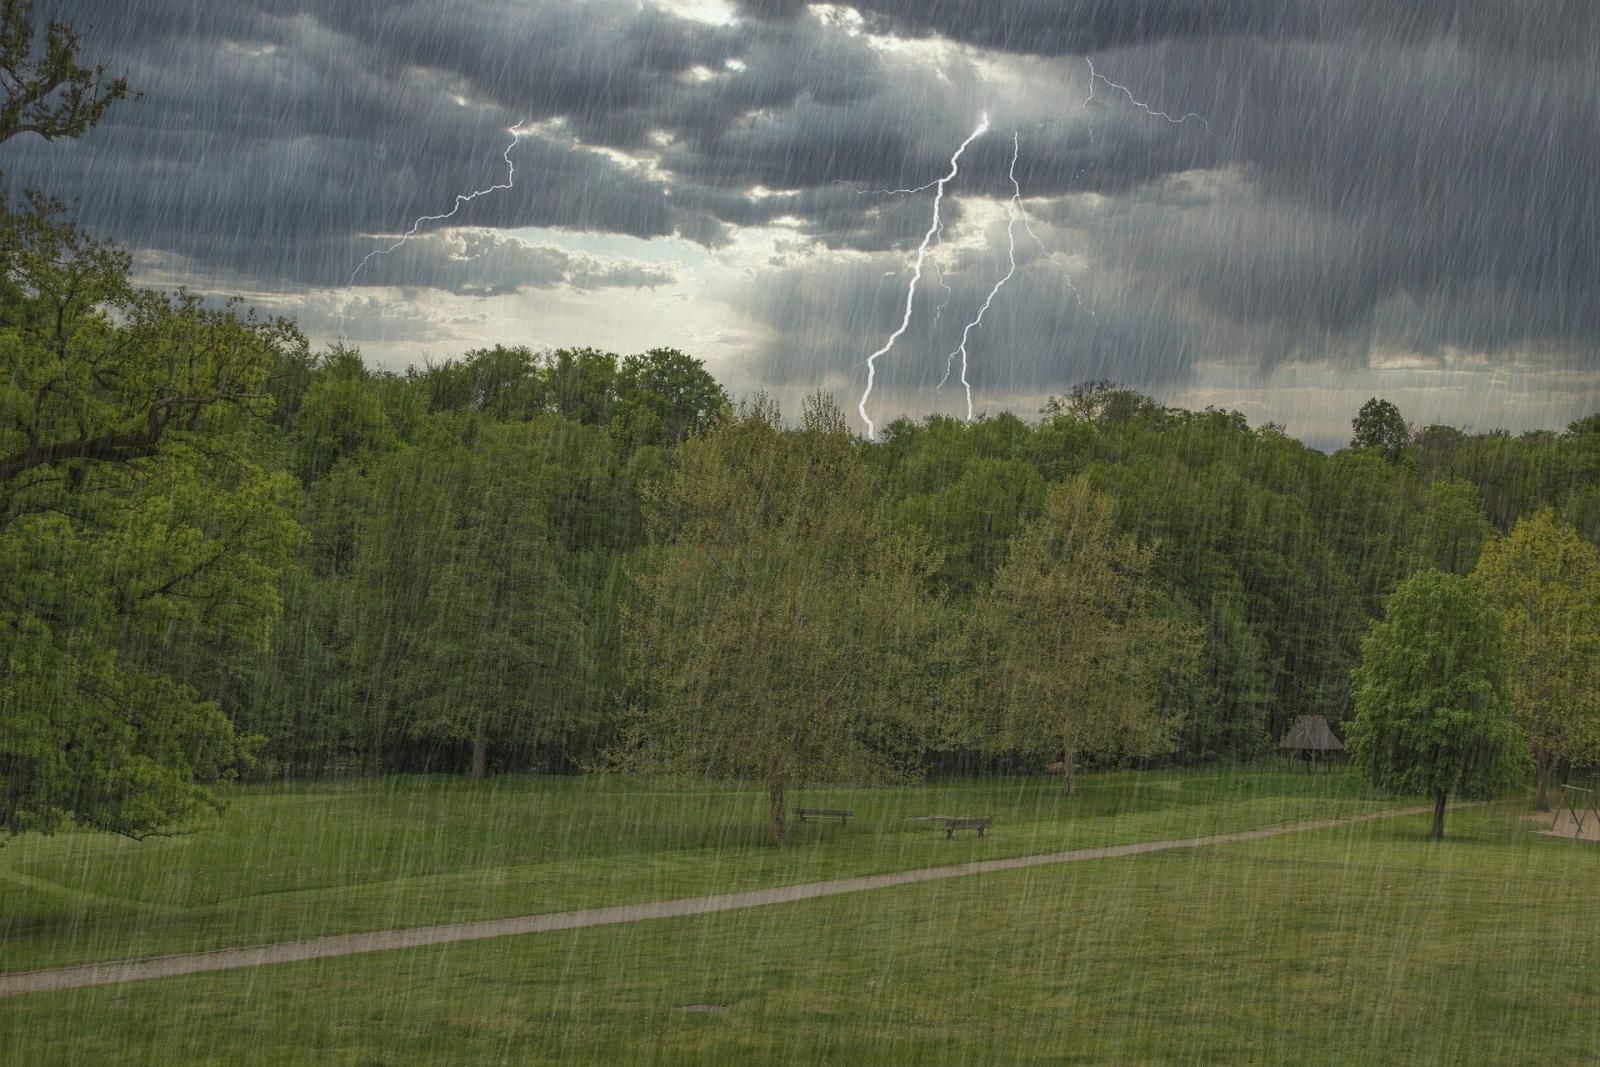 МЧС предупредило брянцев о грозе с дождем и ураганном ветре во вторник